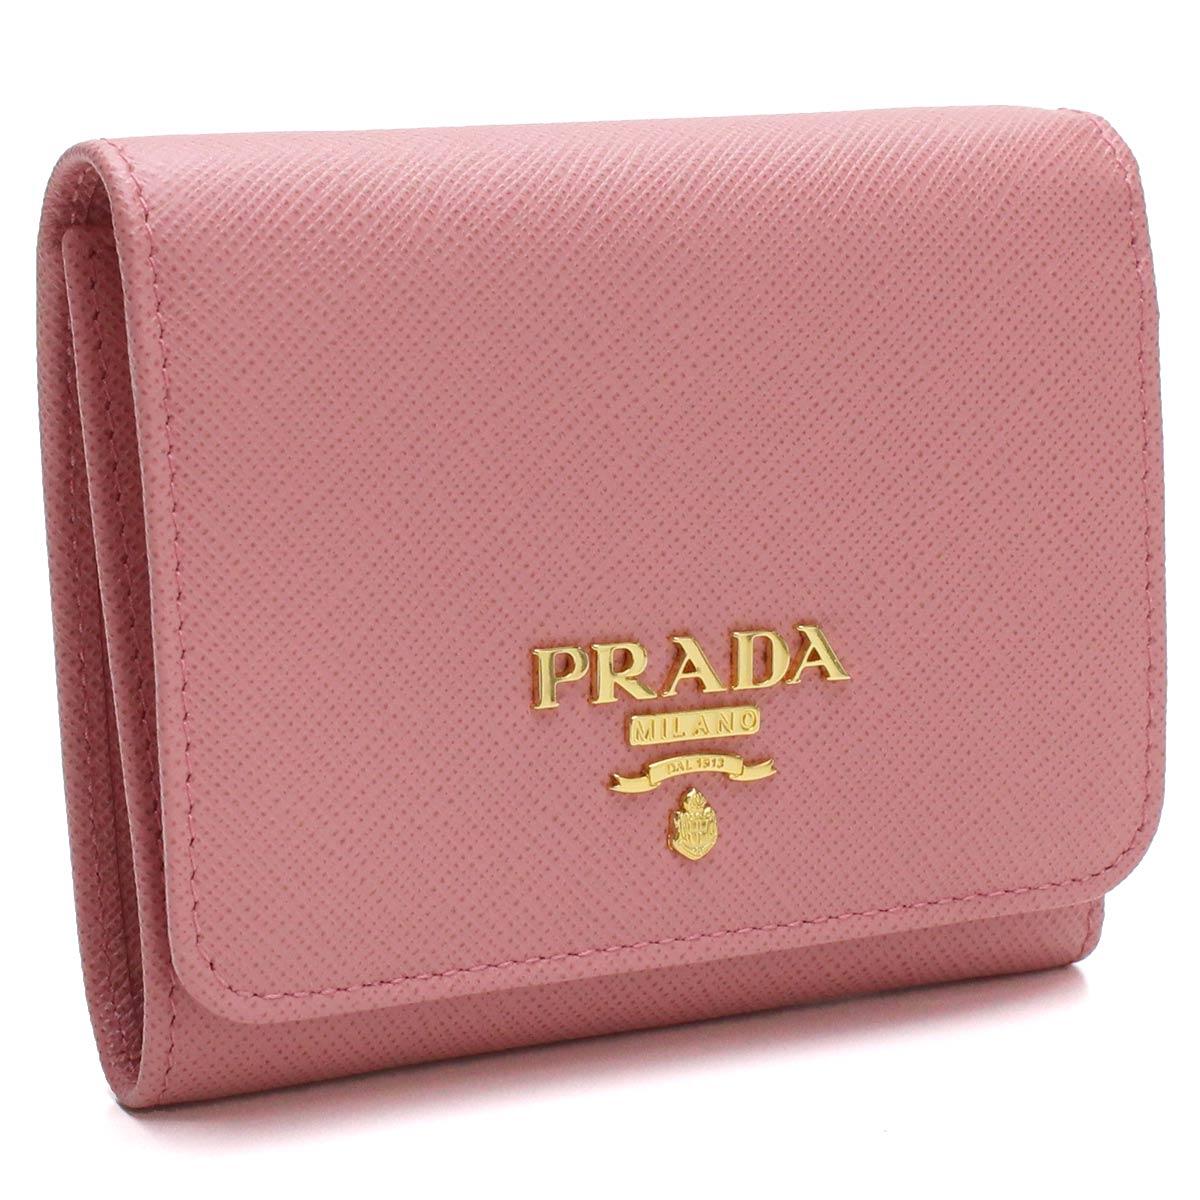 プラダ PRADA サフィアーノ サフィアーノメタル 3つ折り財布 小銭入れ付き 1MH176 QWA F0442 PETALO ピンク系 レディース【キャッシュレス 5% 還元】